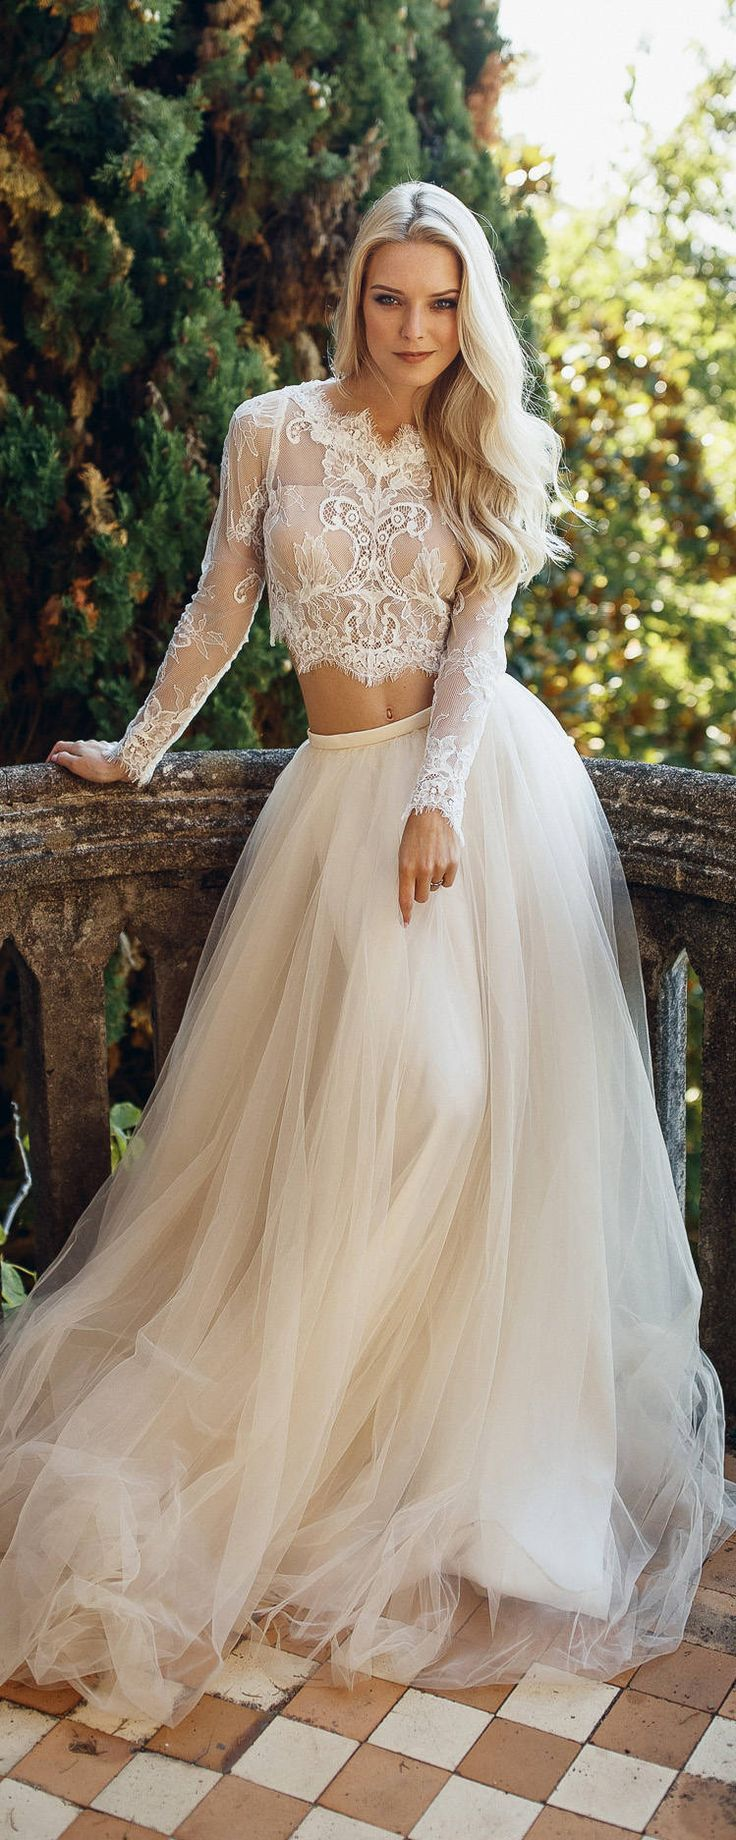 Best 25+ Unique wedding dress ideas on Pinterest | Unique ...